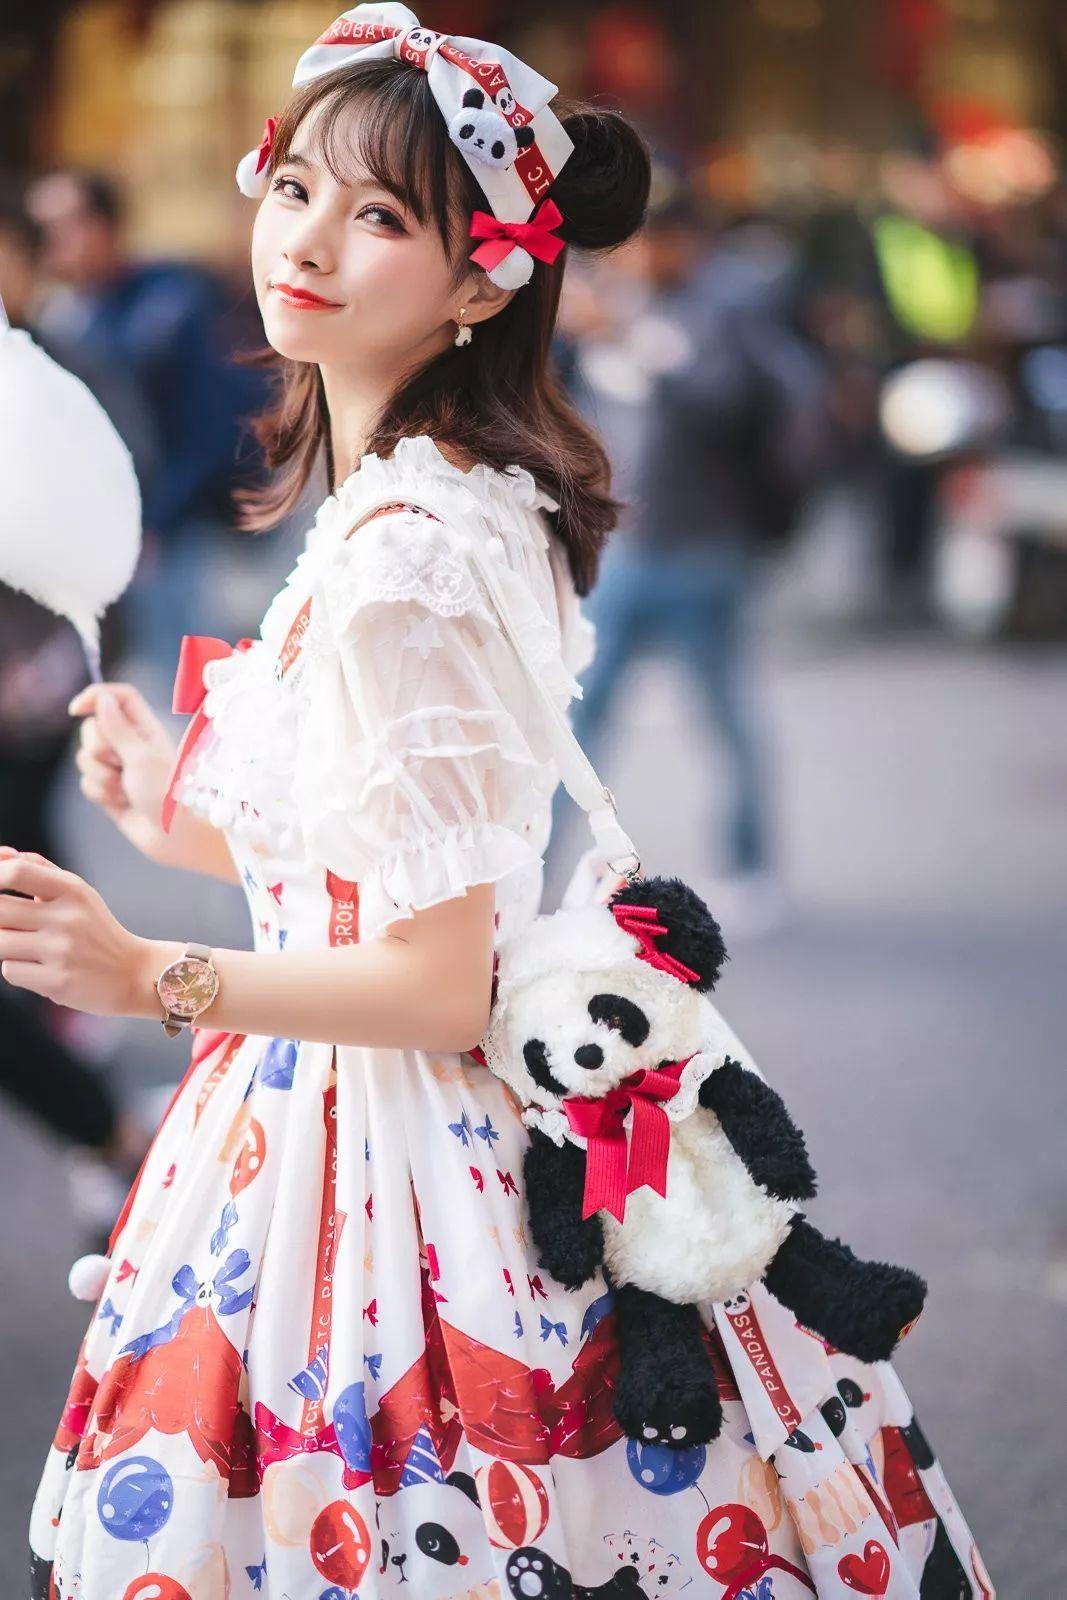 妹子摄影 – 鬼马精灵Lolita女孩@-谢安然-外出旅拍_图片 No.10